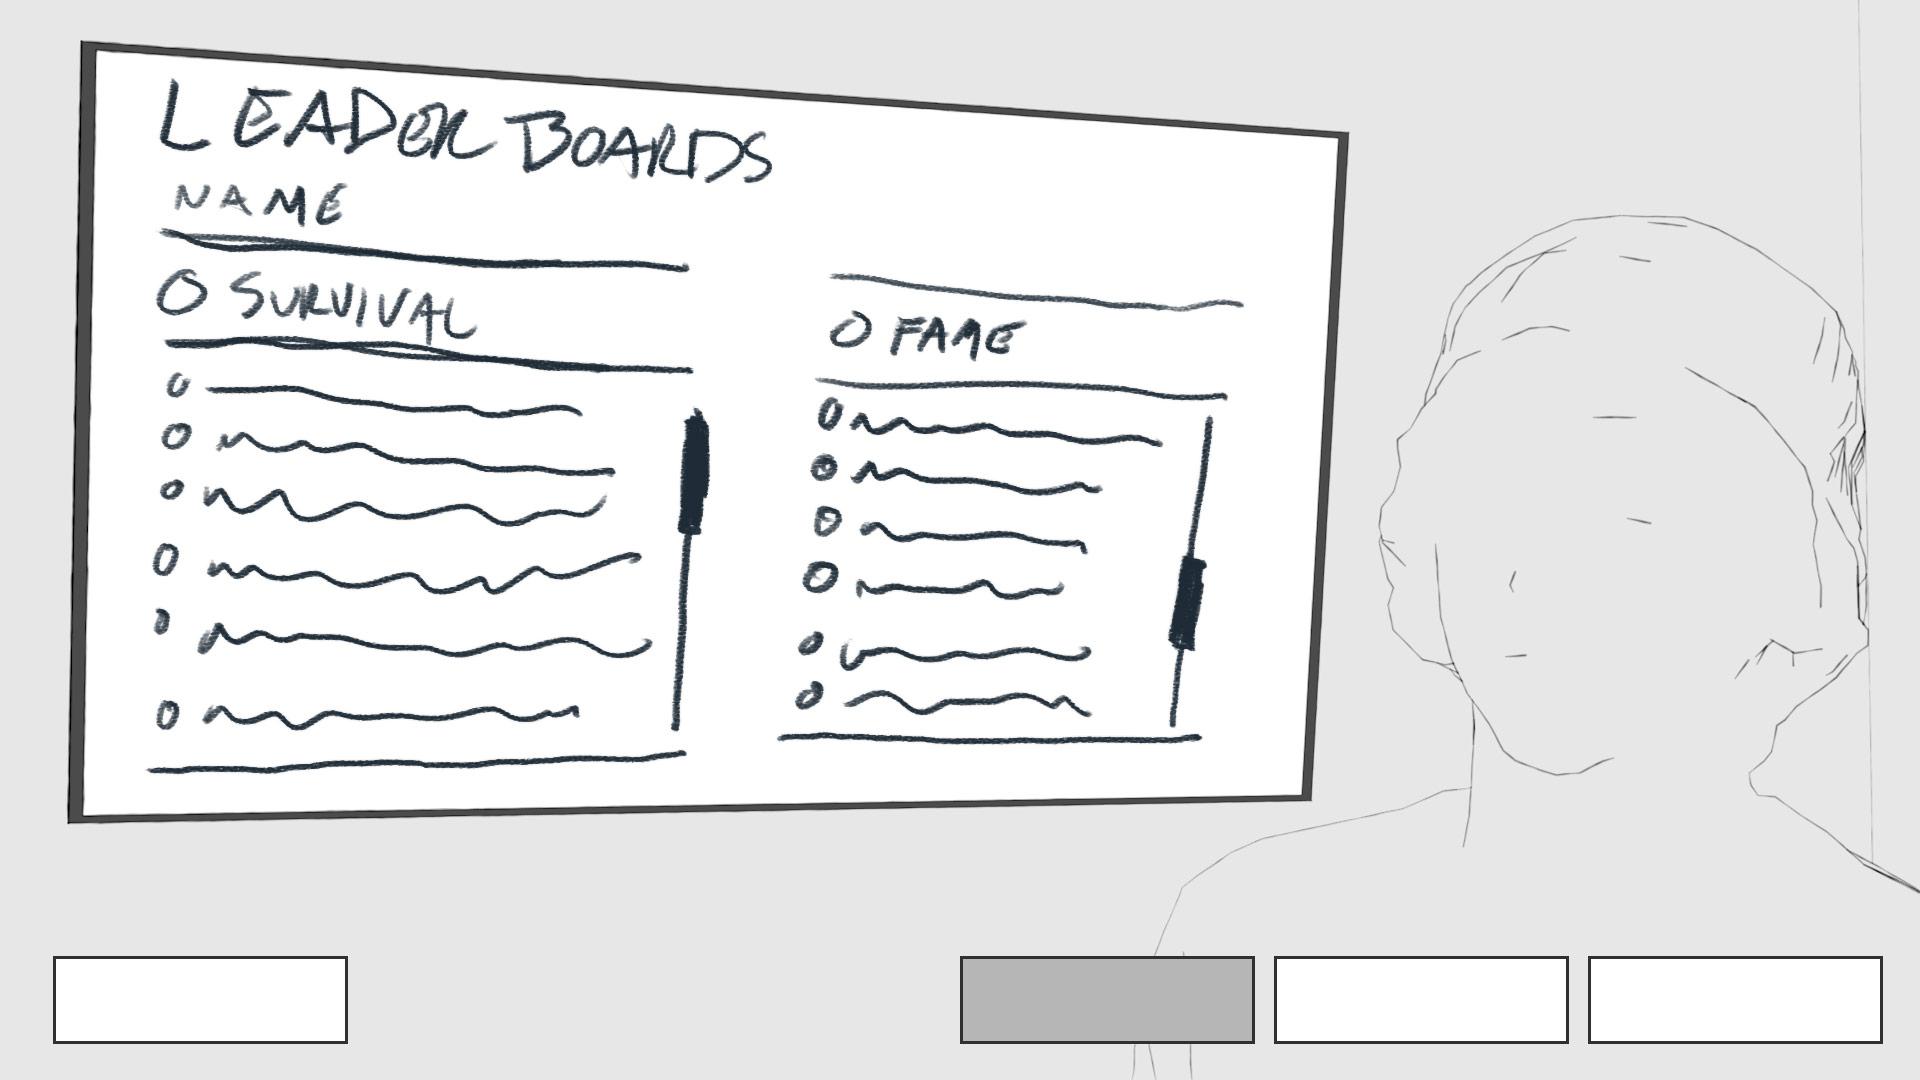 LeaderBoard_Sketch_00